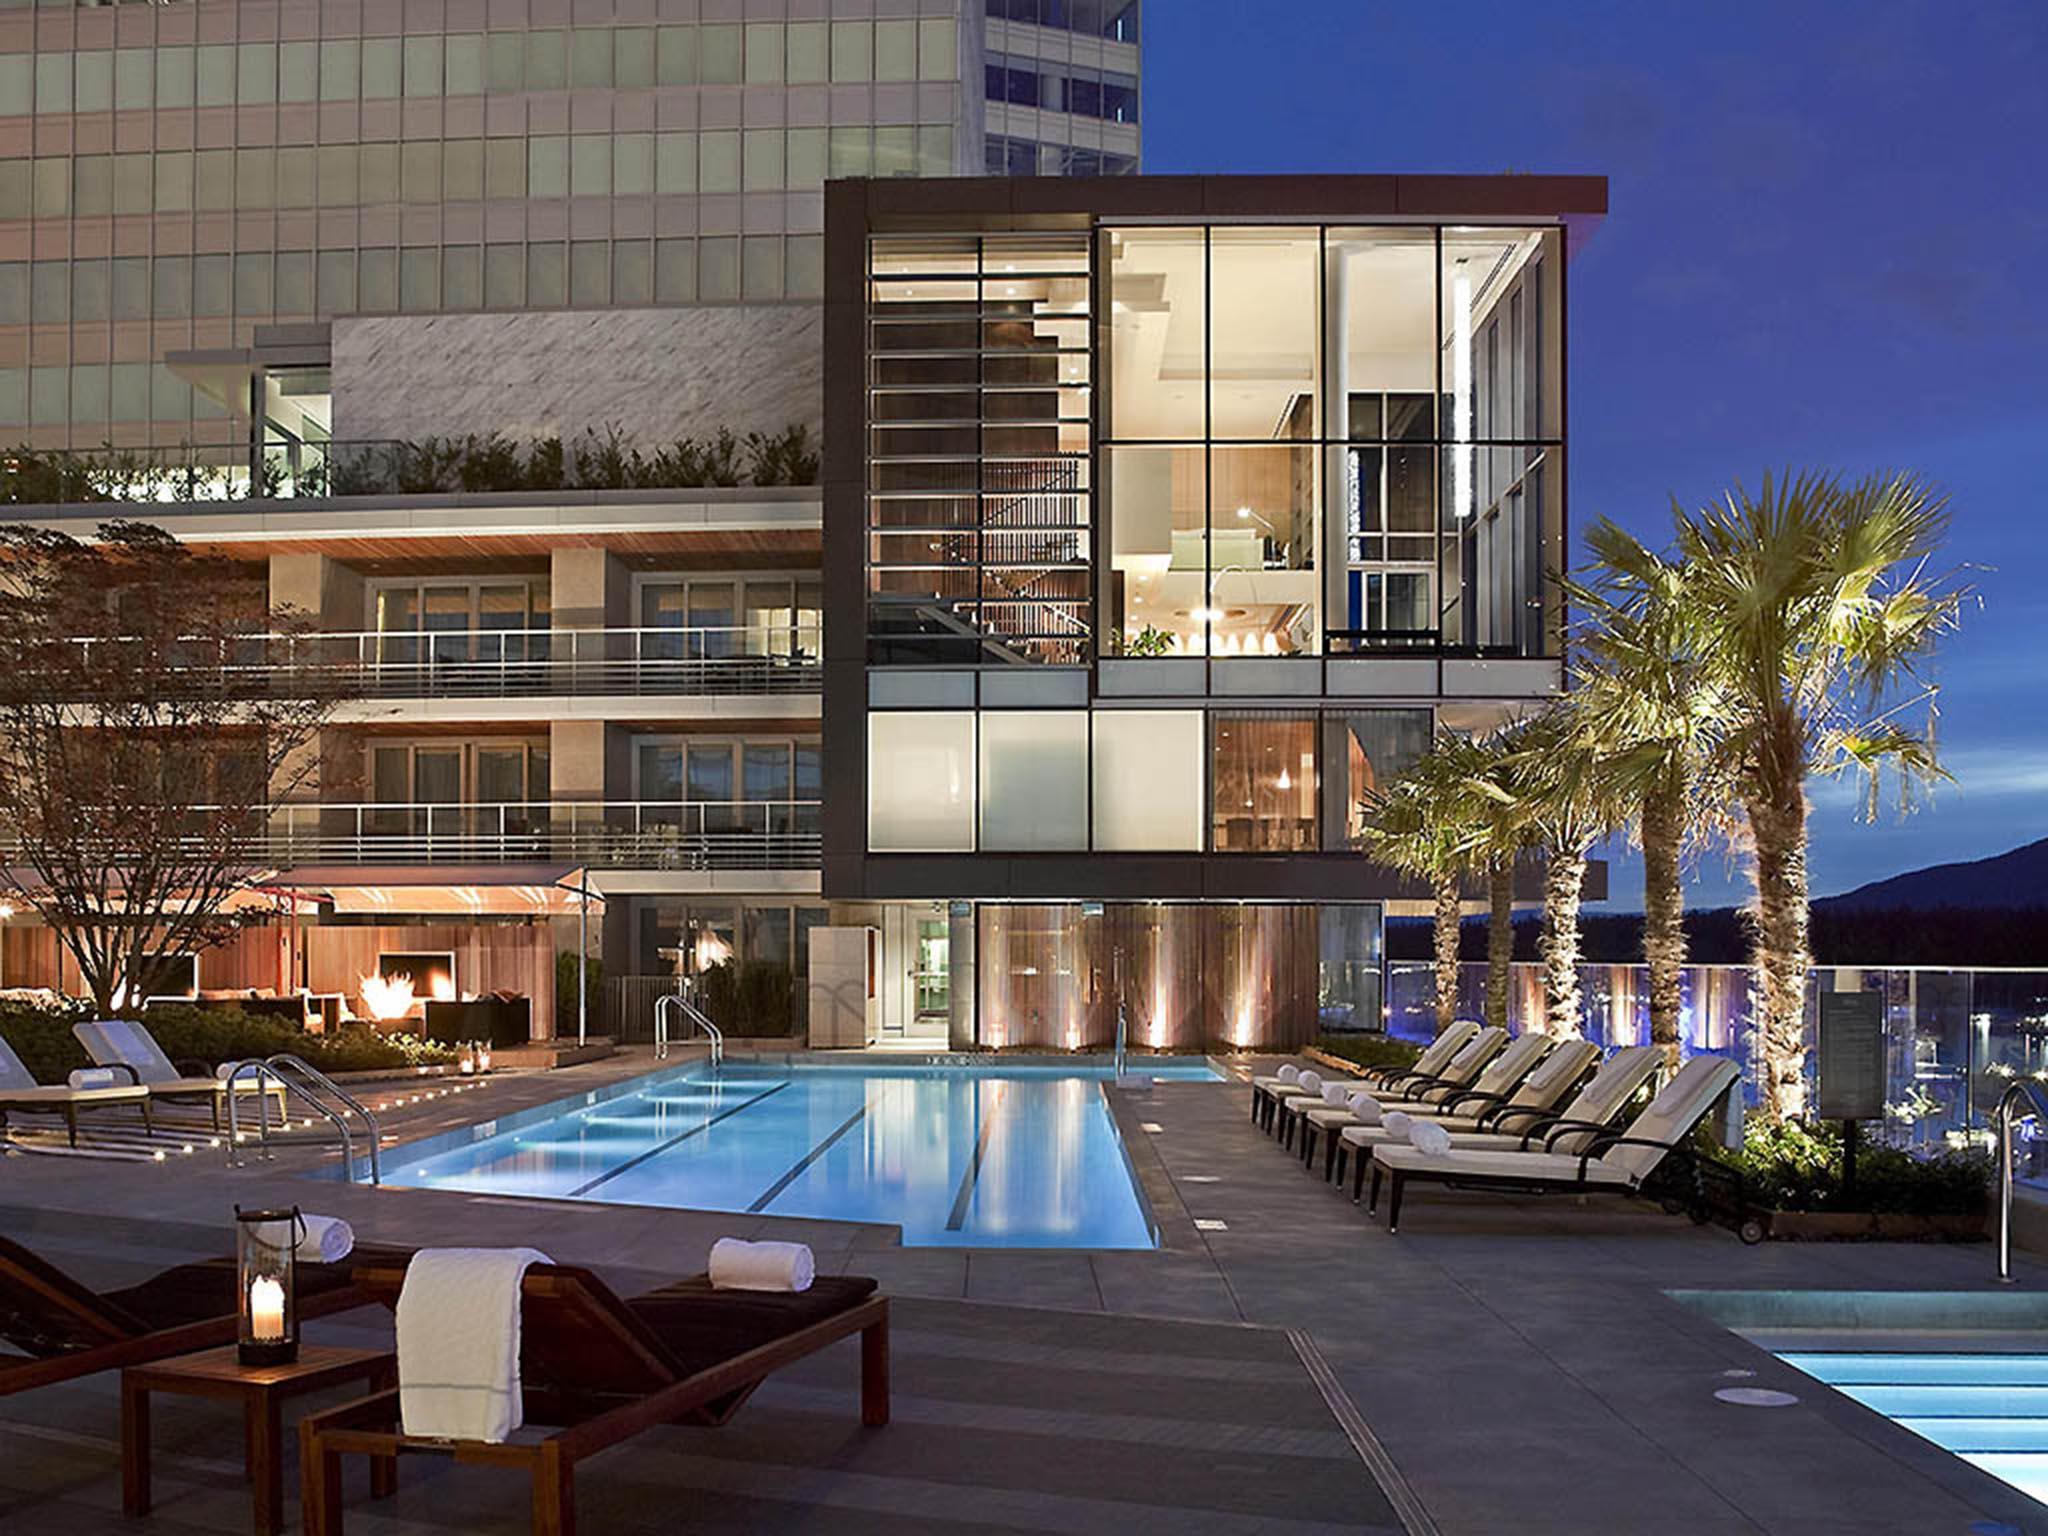 โรงแรม – Fairmont Pacific Rim